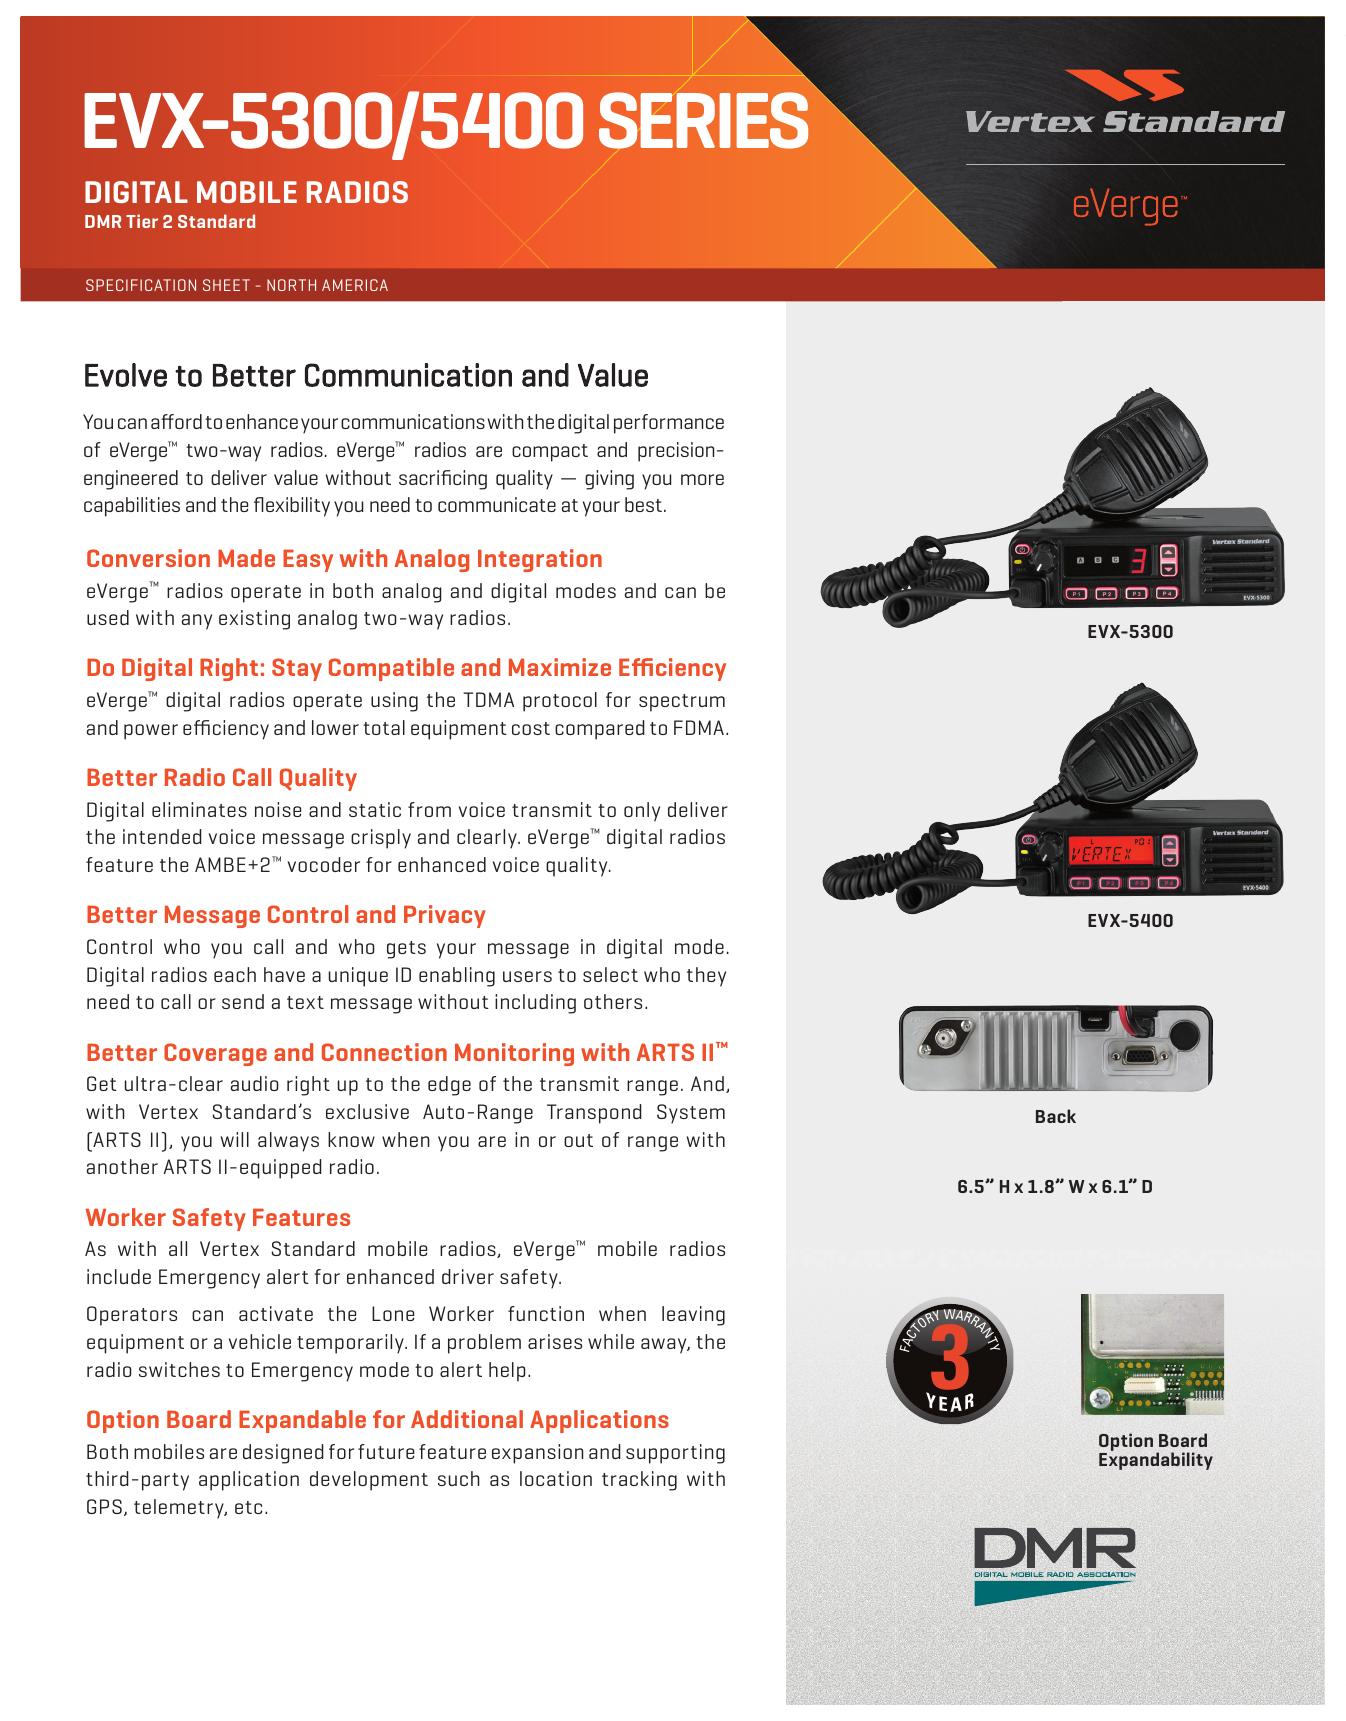 evx-5300/5400 series   manualzz com